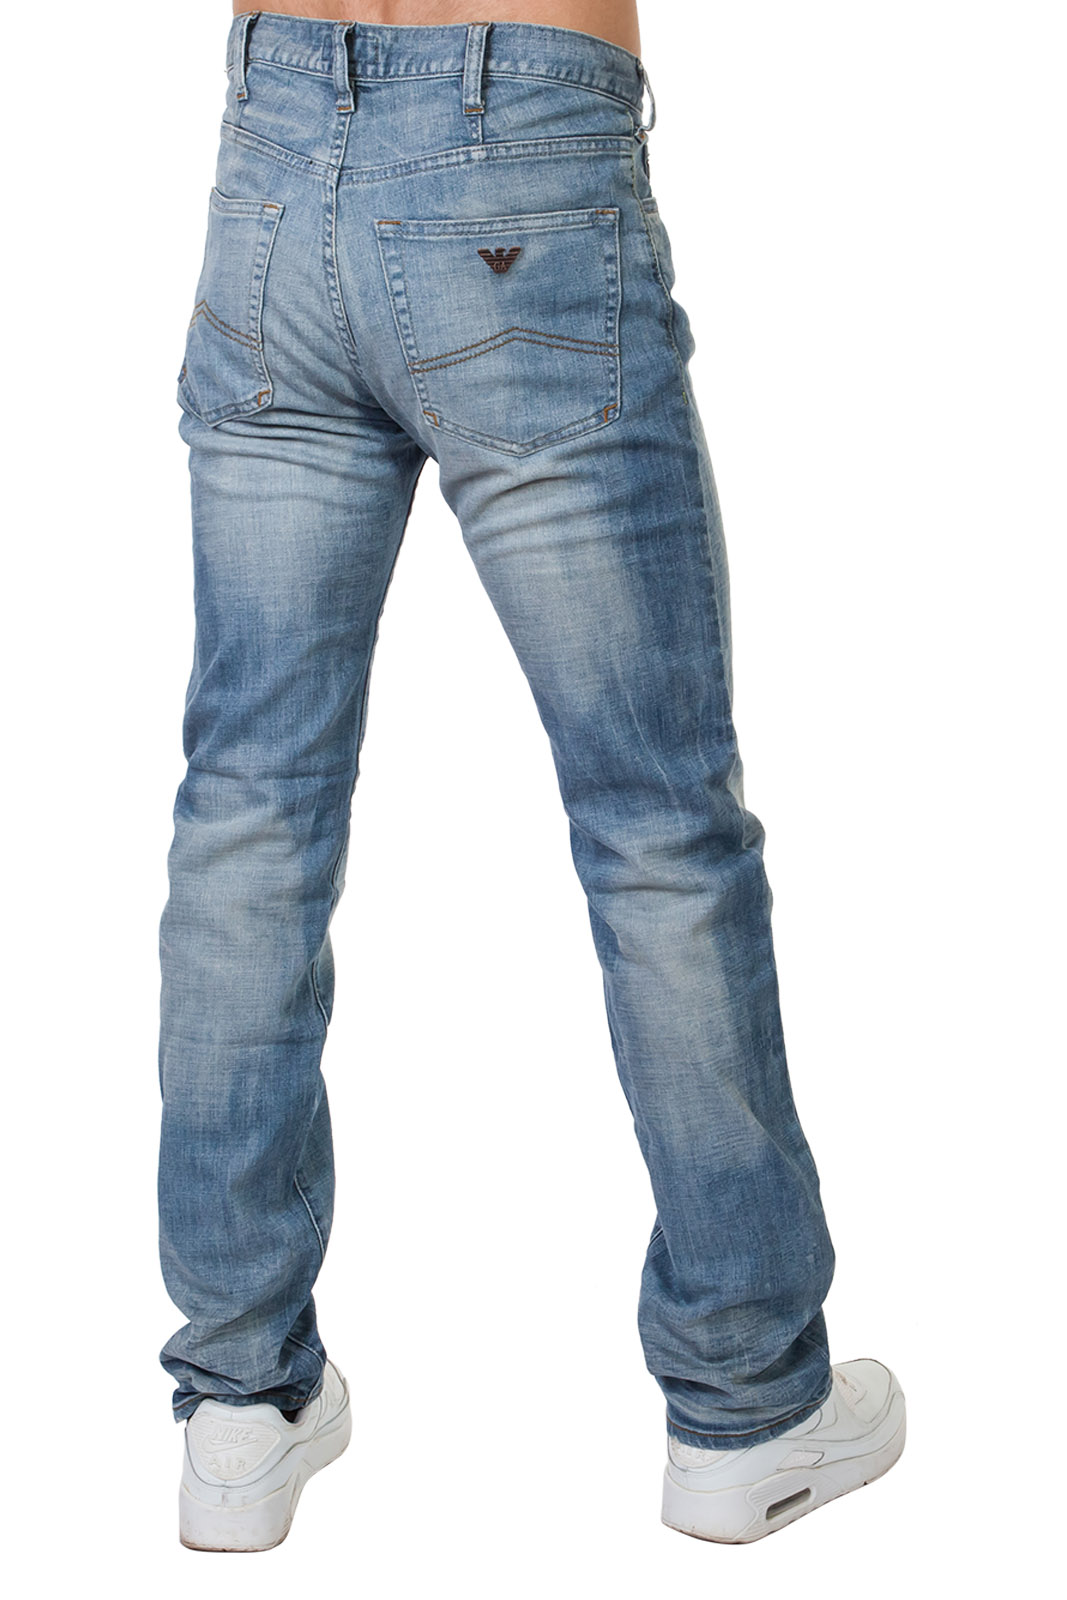 Купить светлые джинсы для мужчин – оригинальные модели в наличии